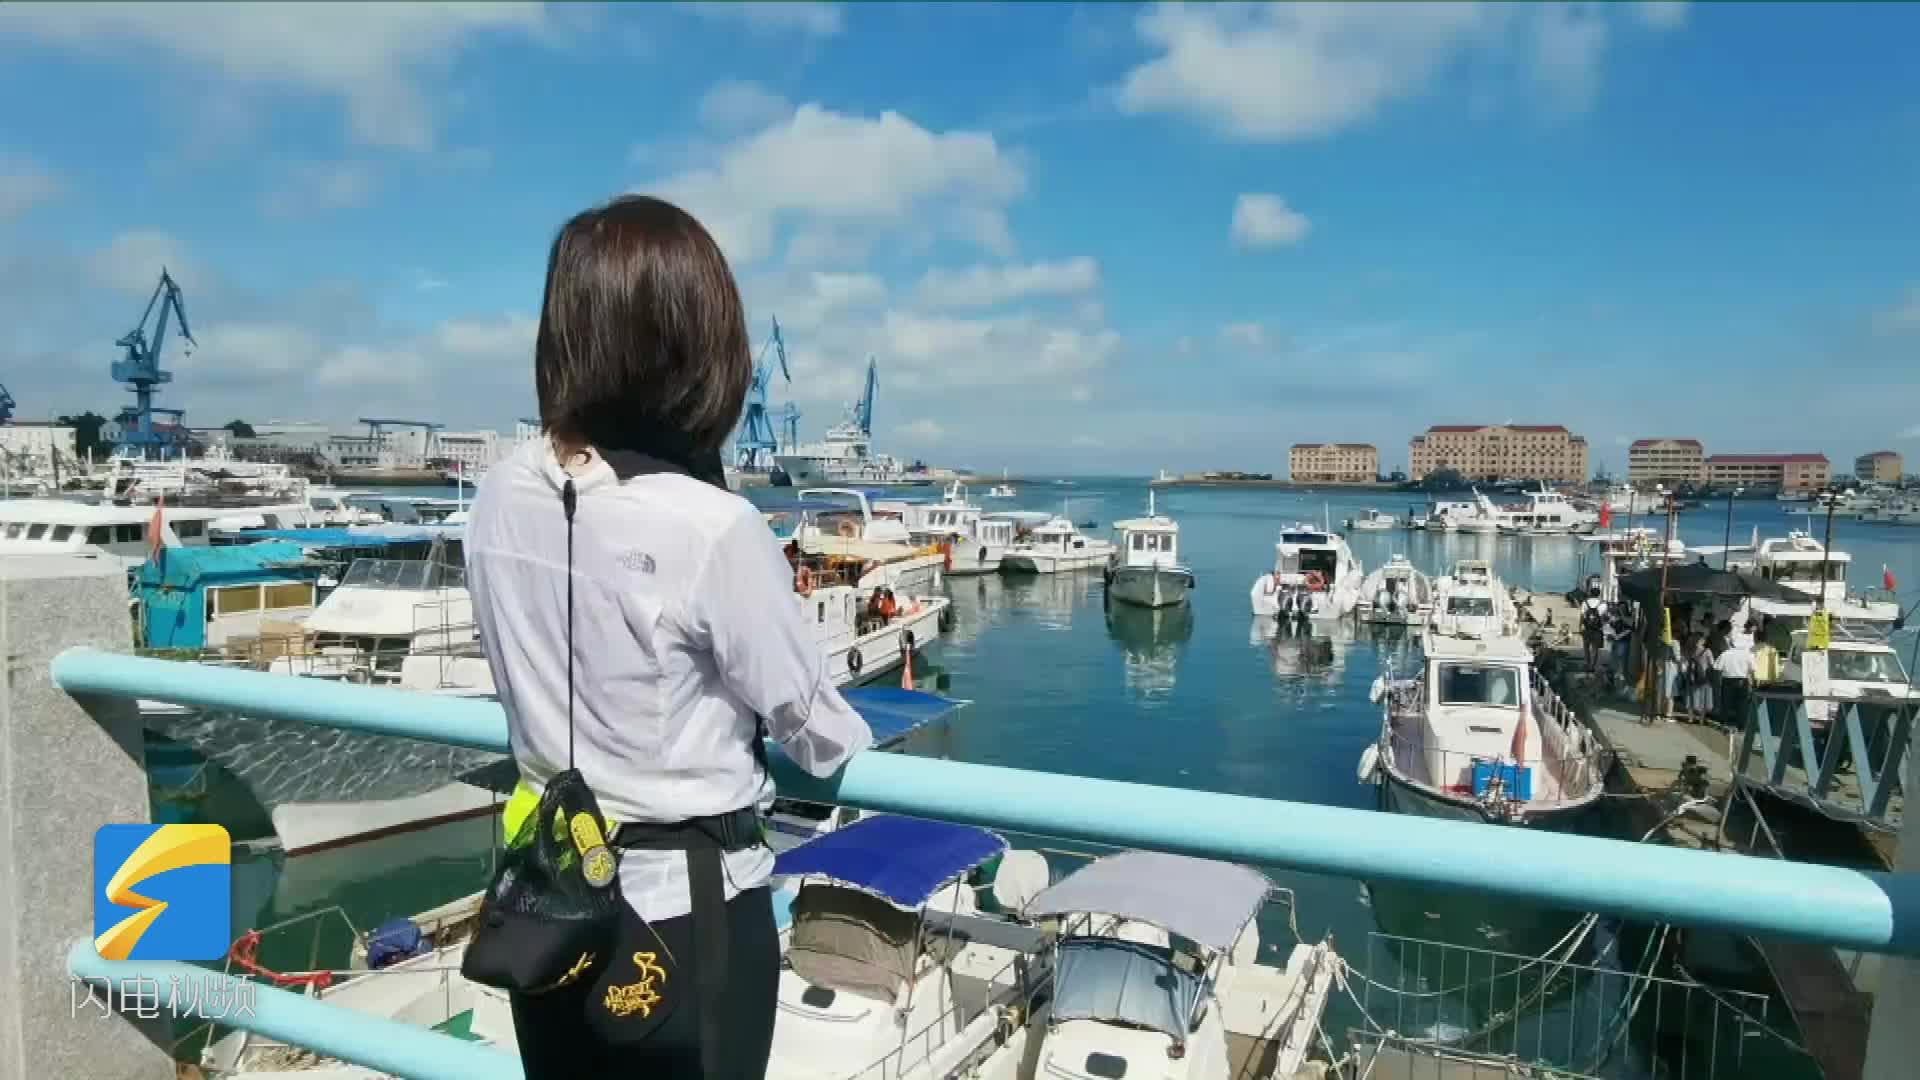 相约去钓鱼 感受不一样的海上风光